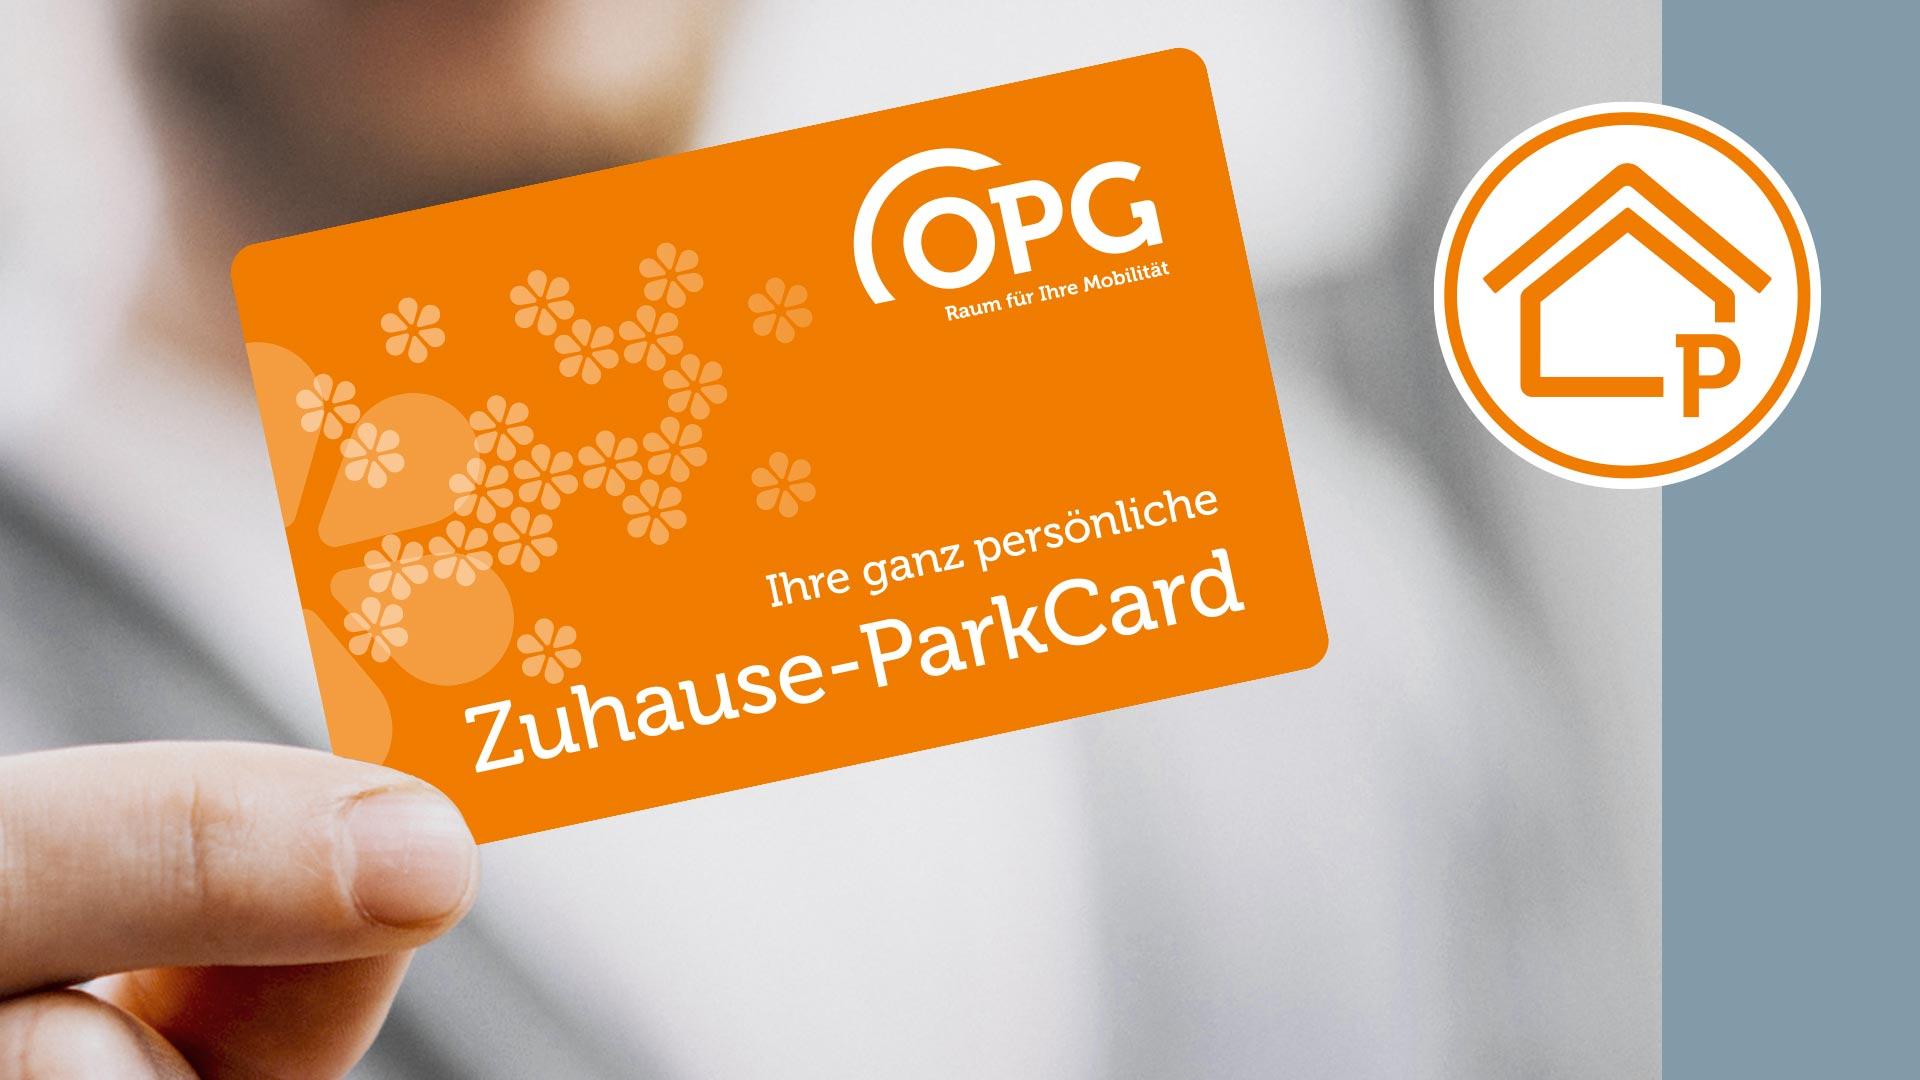 Die orangefarbene OPG Zuhause-ParkCard: Mit ihr parken Kunden sicher und bequem zum Feierabend, am Wochenende und allen Feiertagen